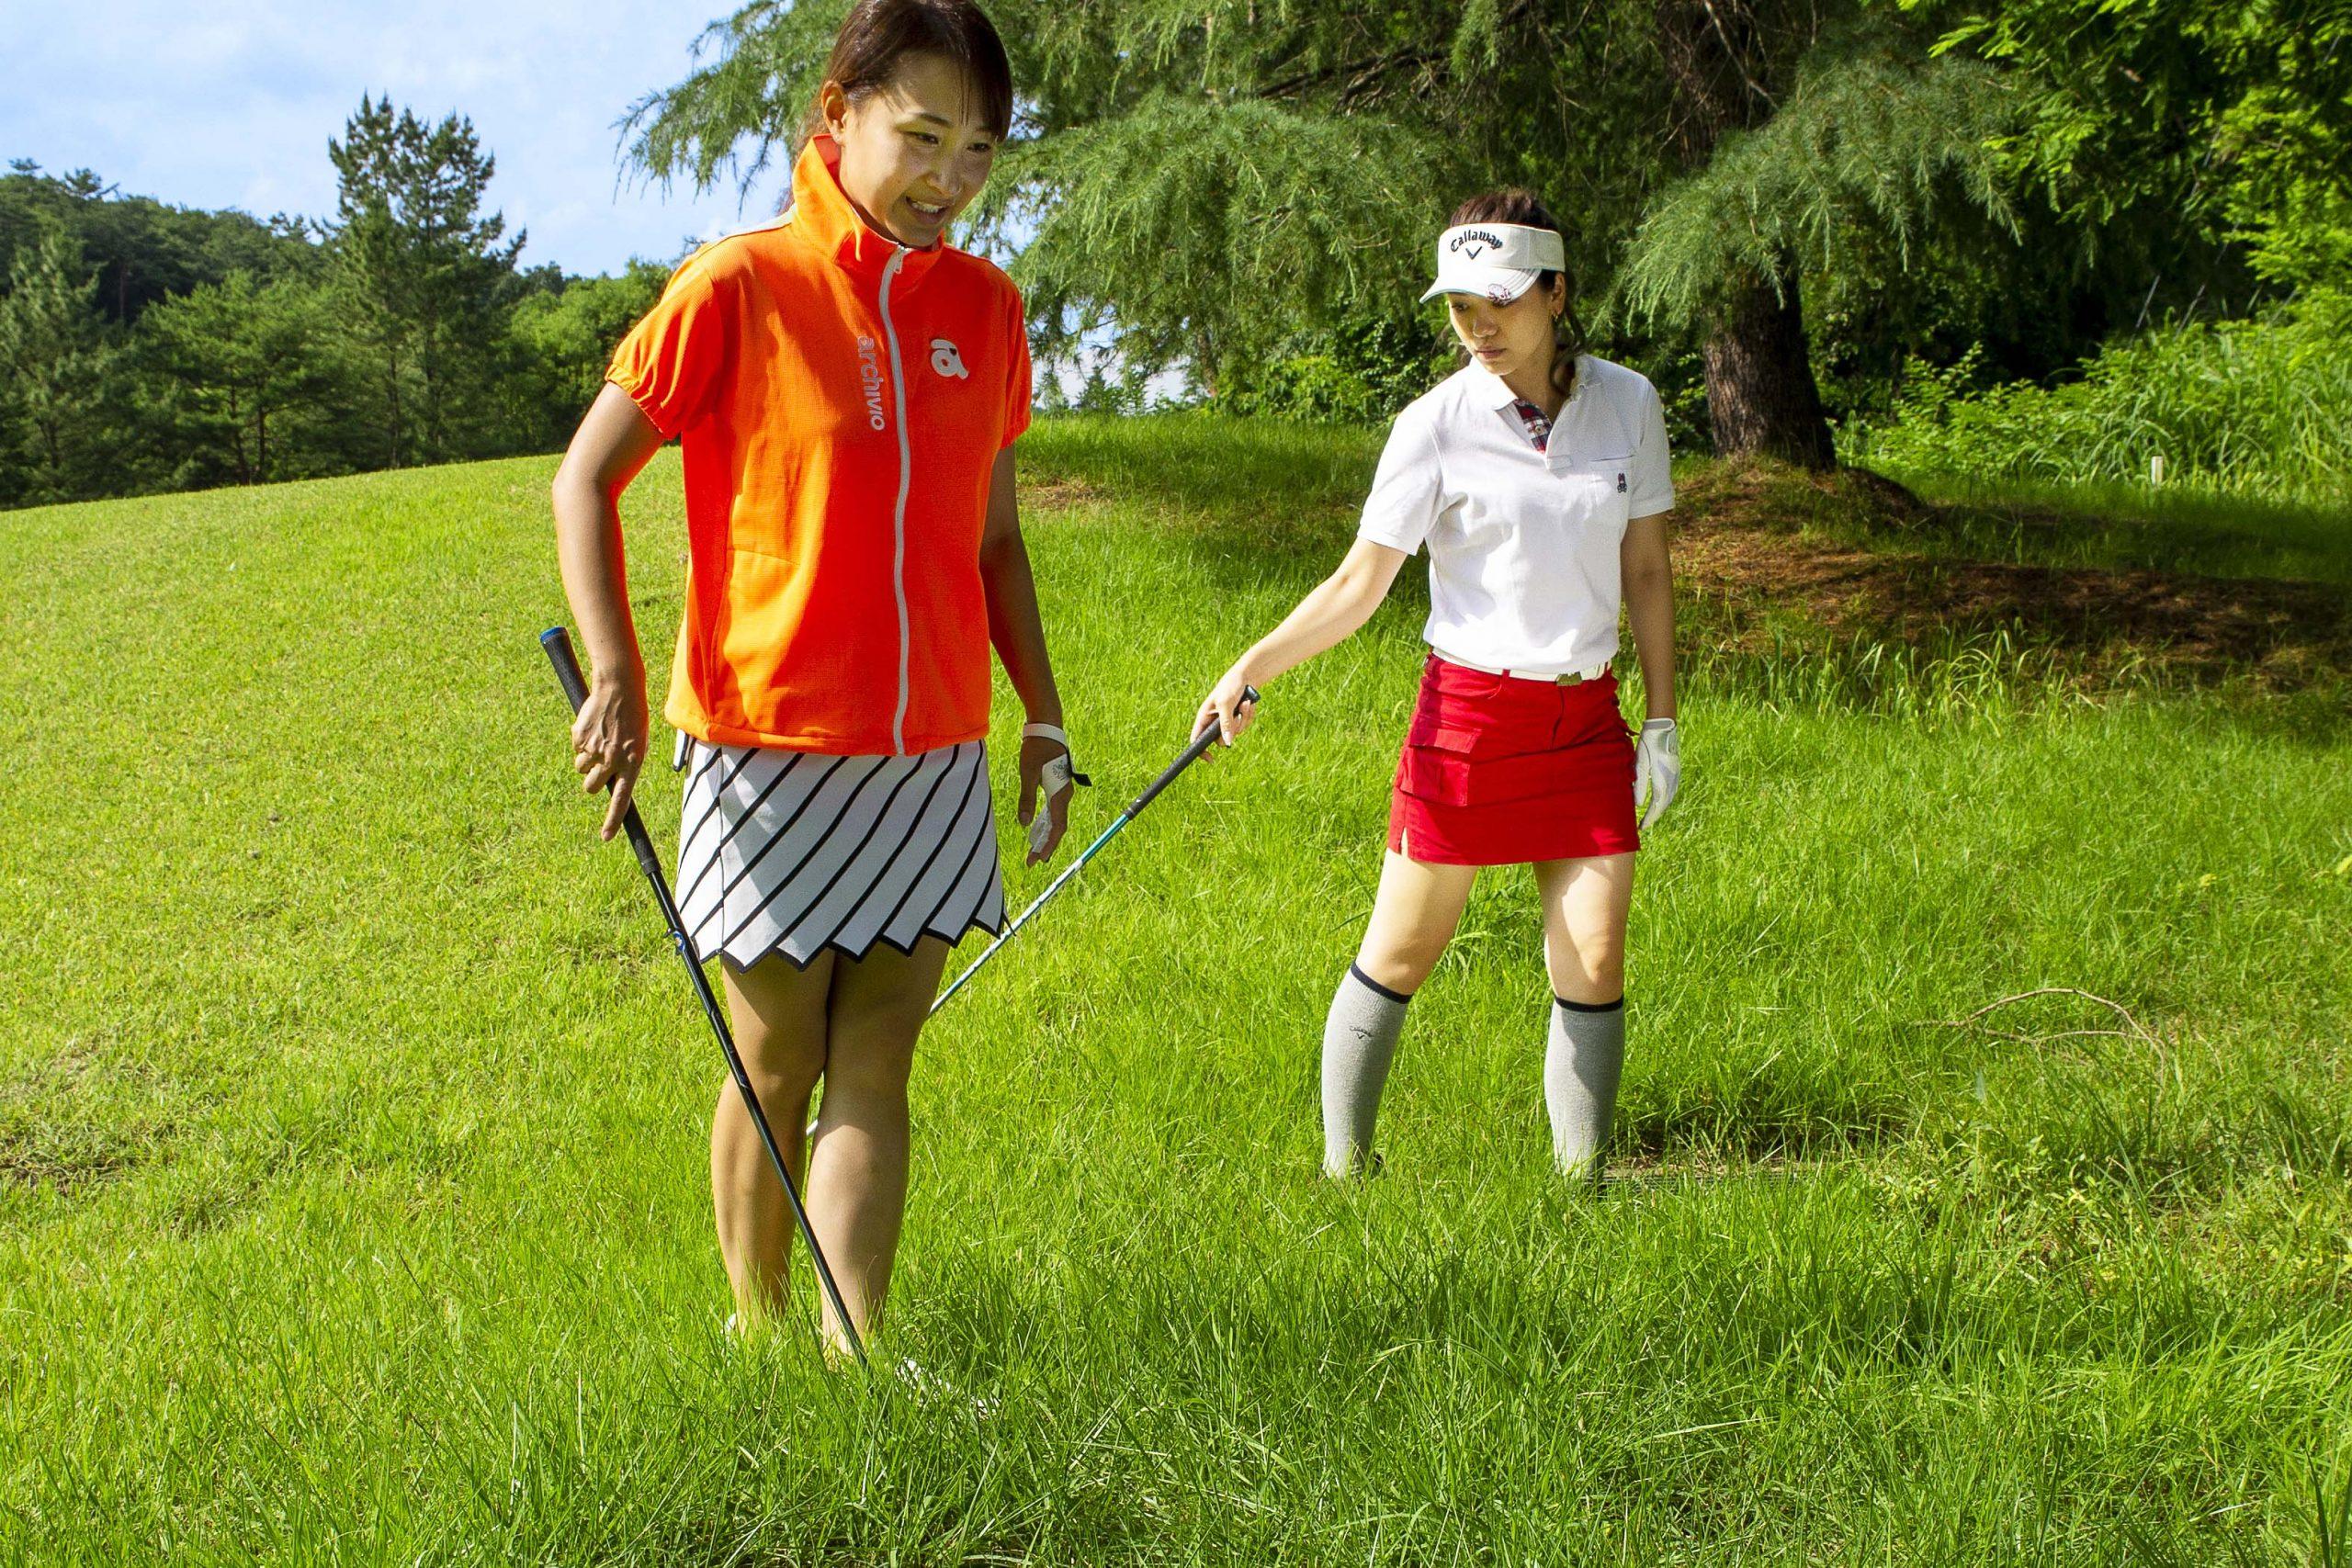 【ゴルルとルール】球を探しているときに同伴者がボールを蹴っちゃった! どうすればいいんだっけ?